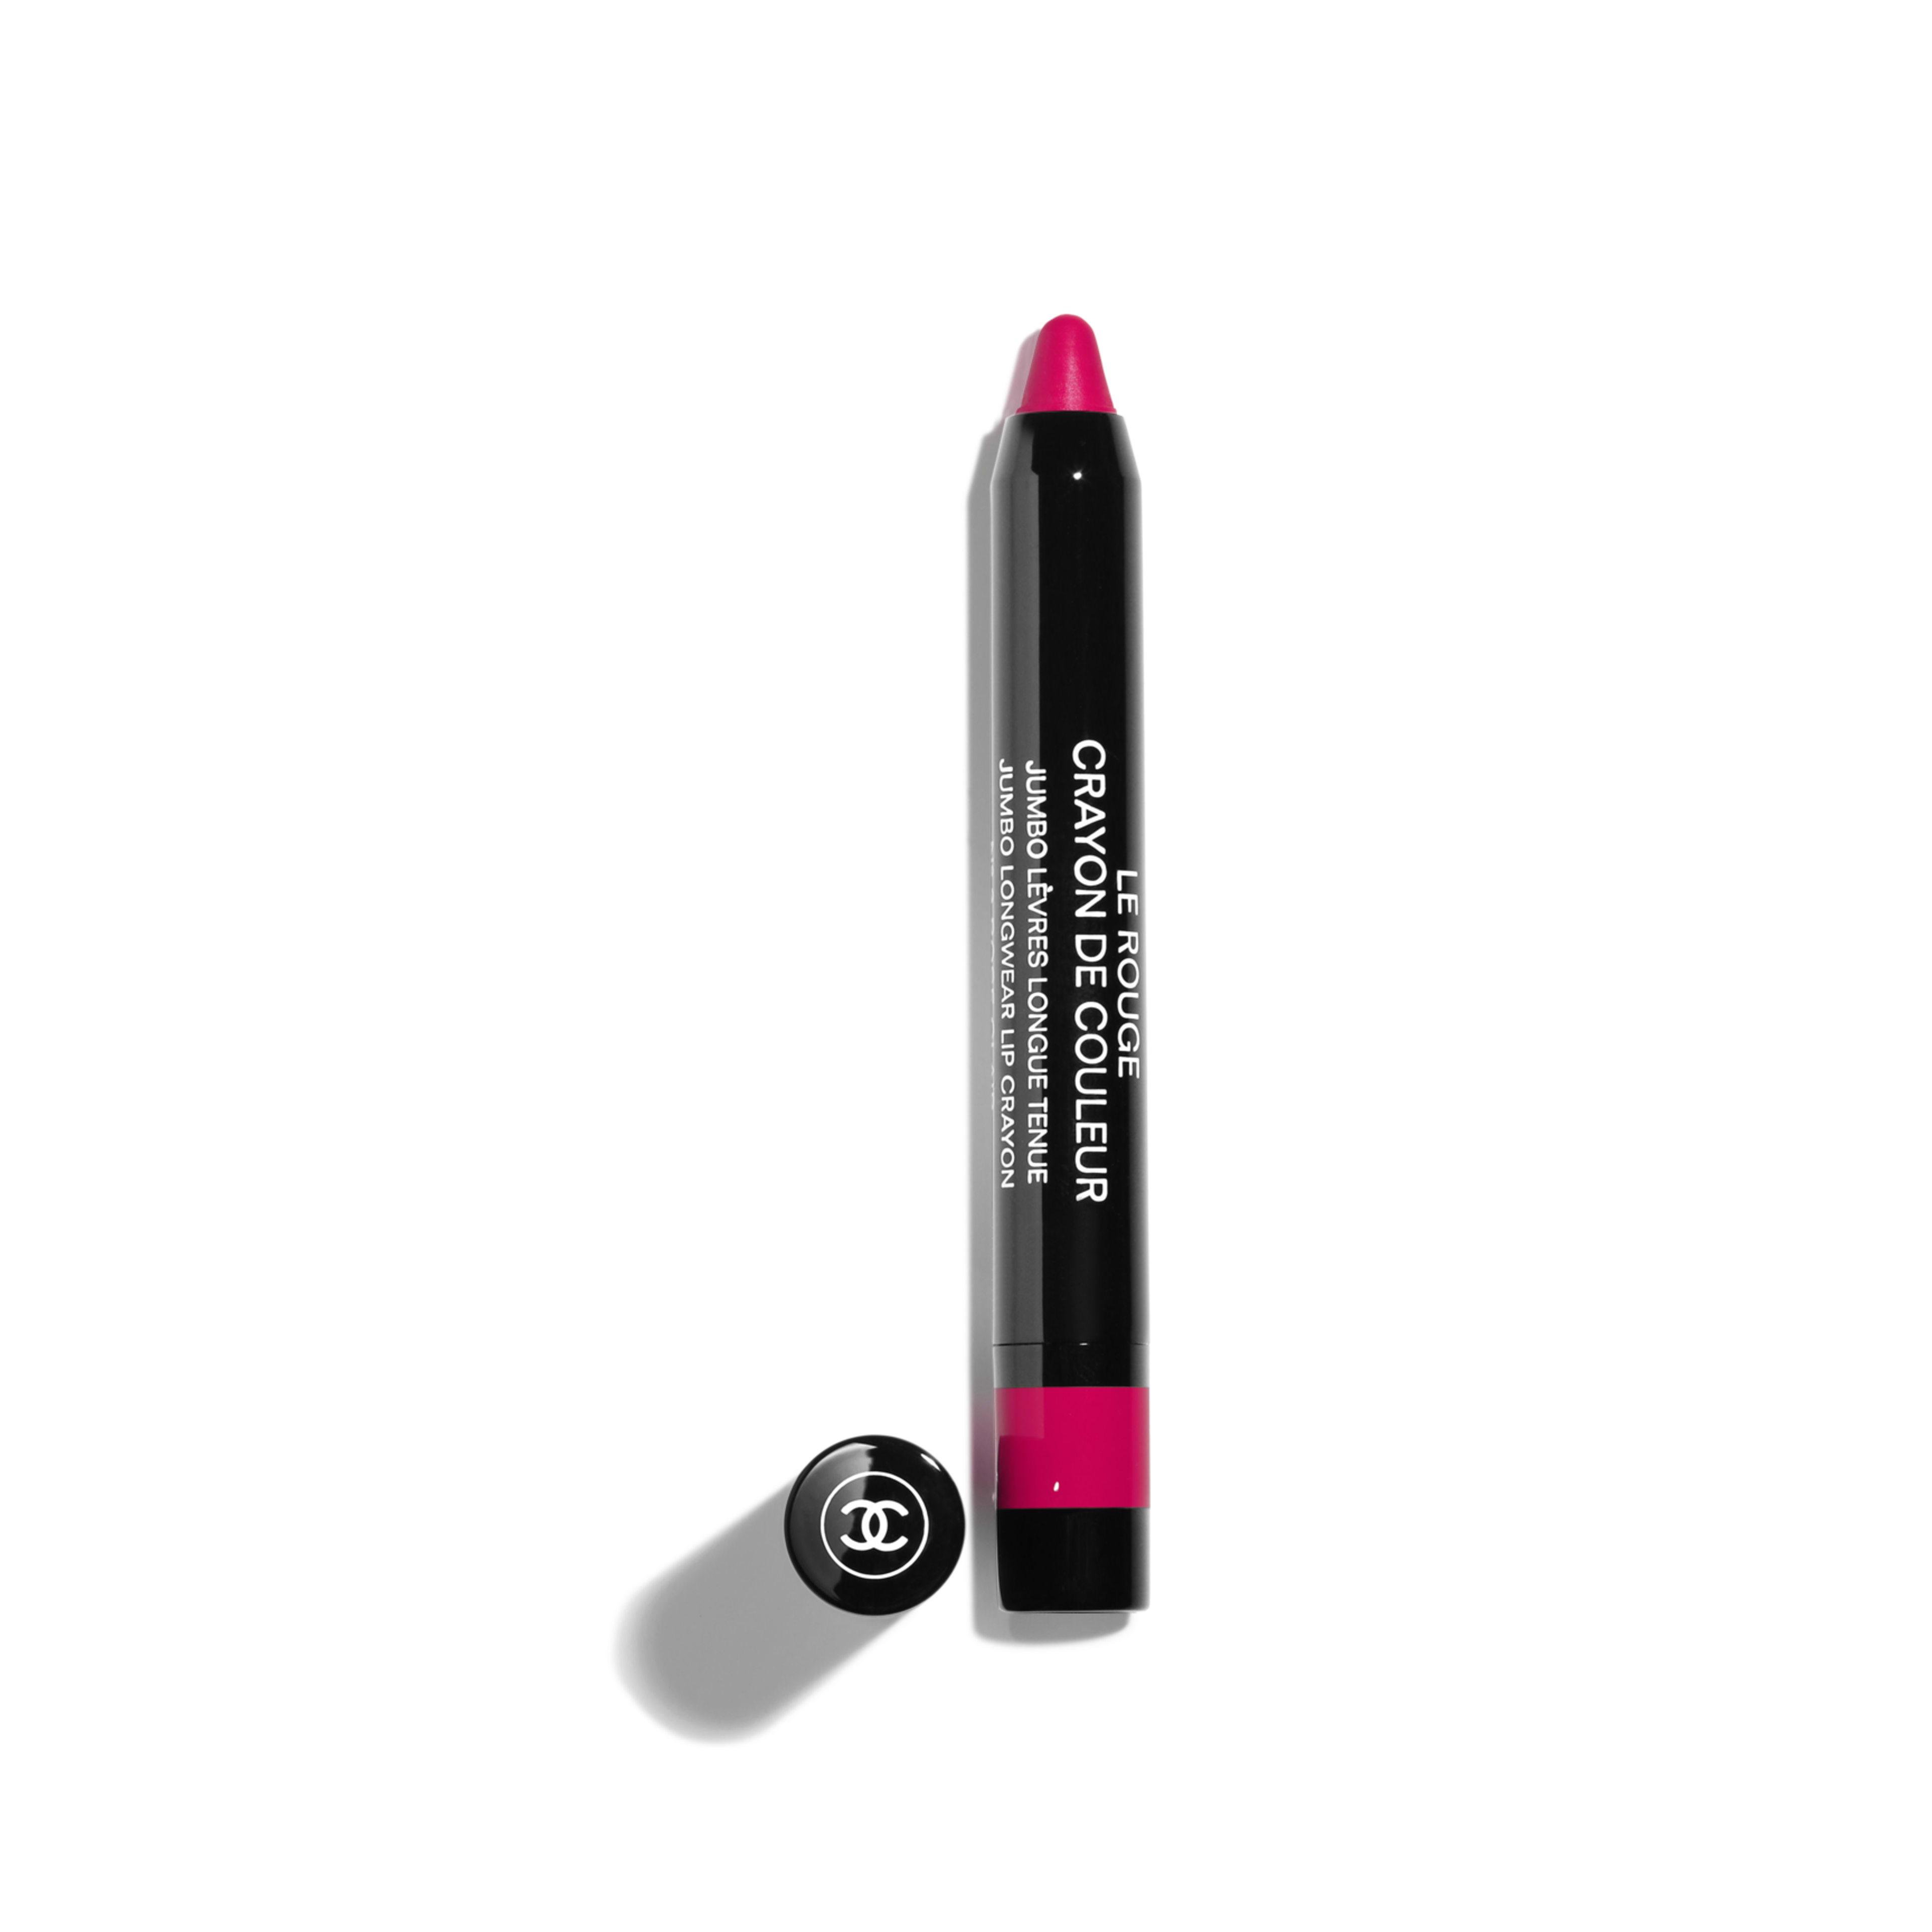 LE ROUGE CRAYON DE COULEUR - makeup - 0.04OZ. -                                                            default view - see full sized version